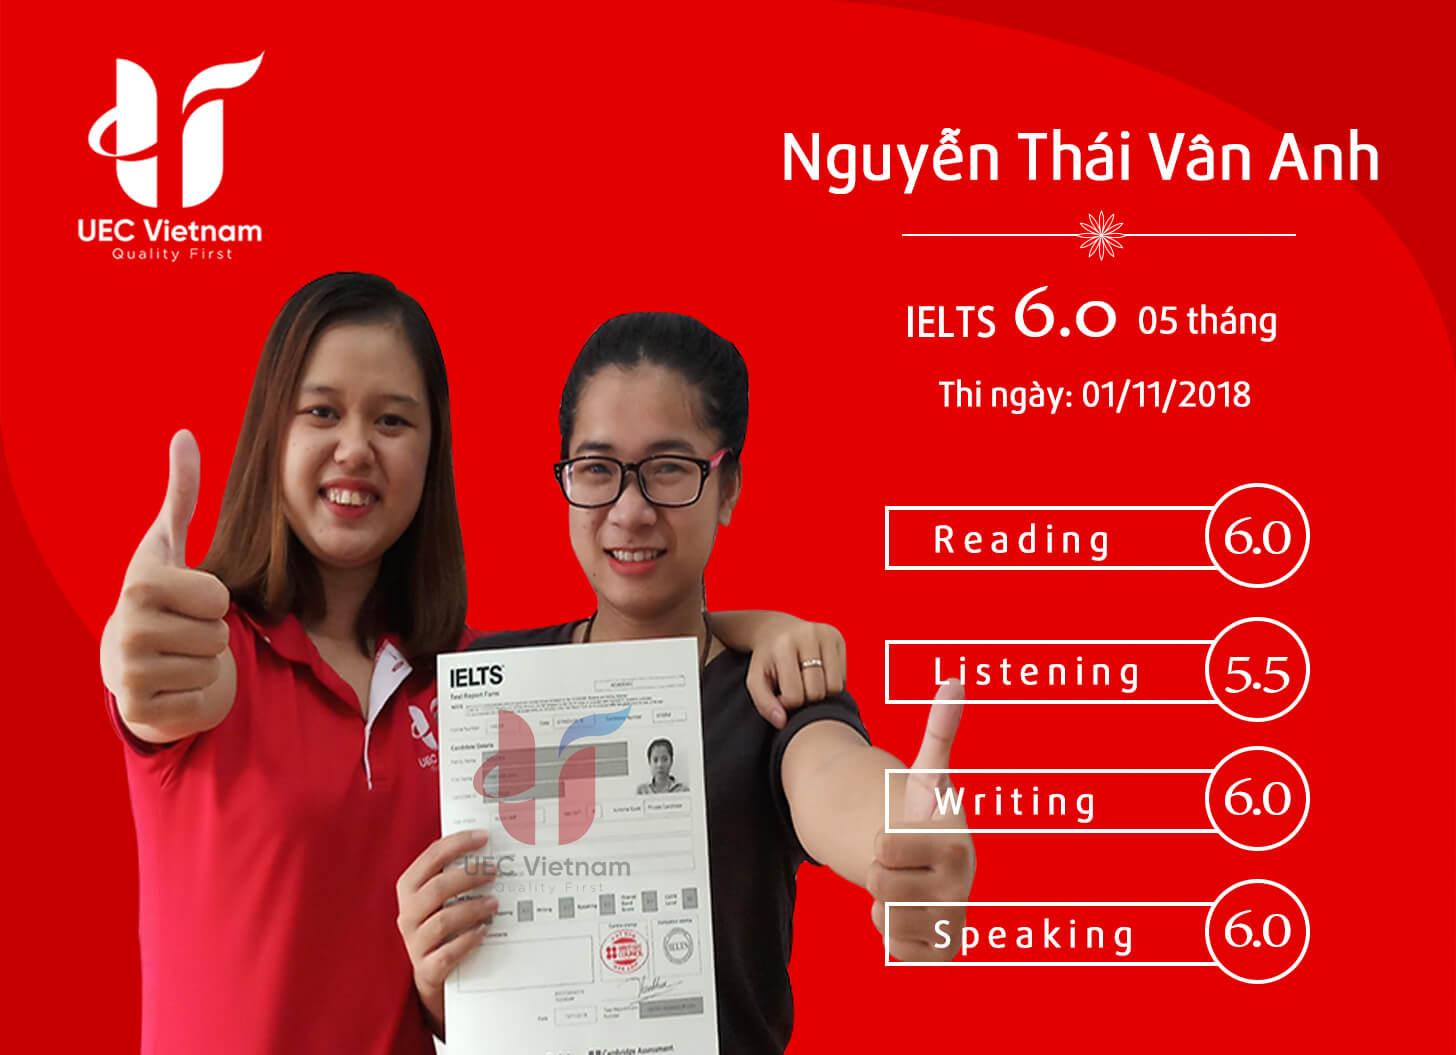 NGUYEN THAI VAN ANH - Hình Ảnh Hoạt Động